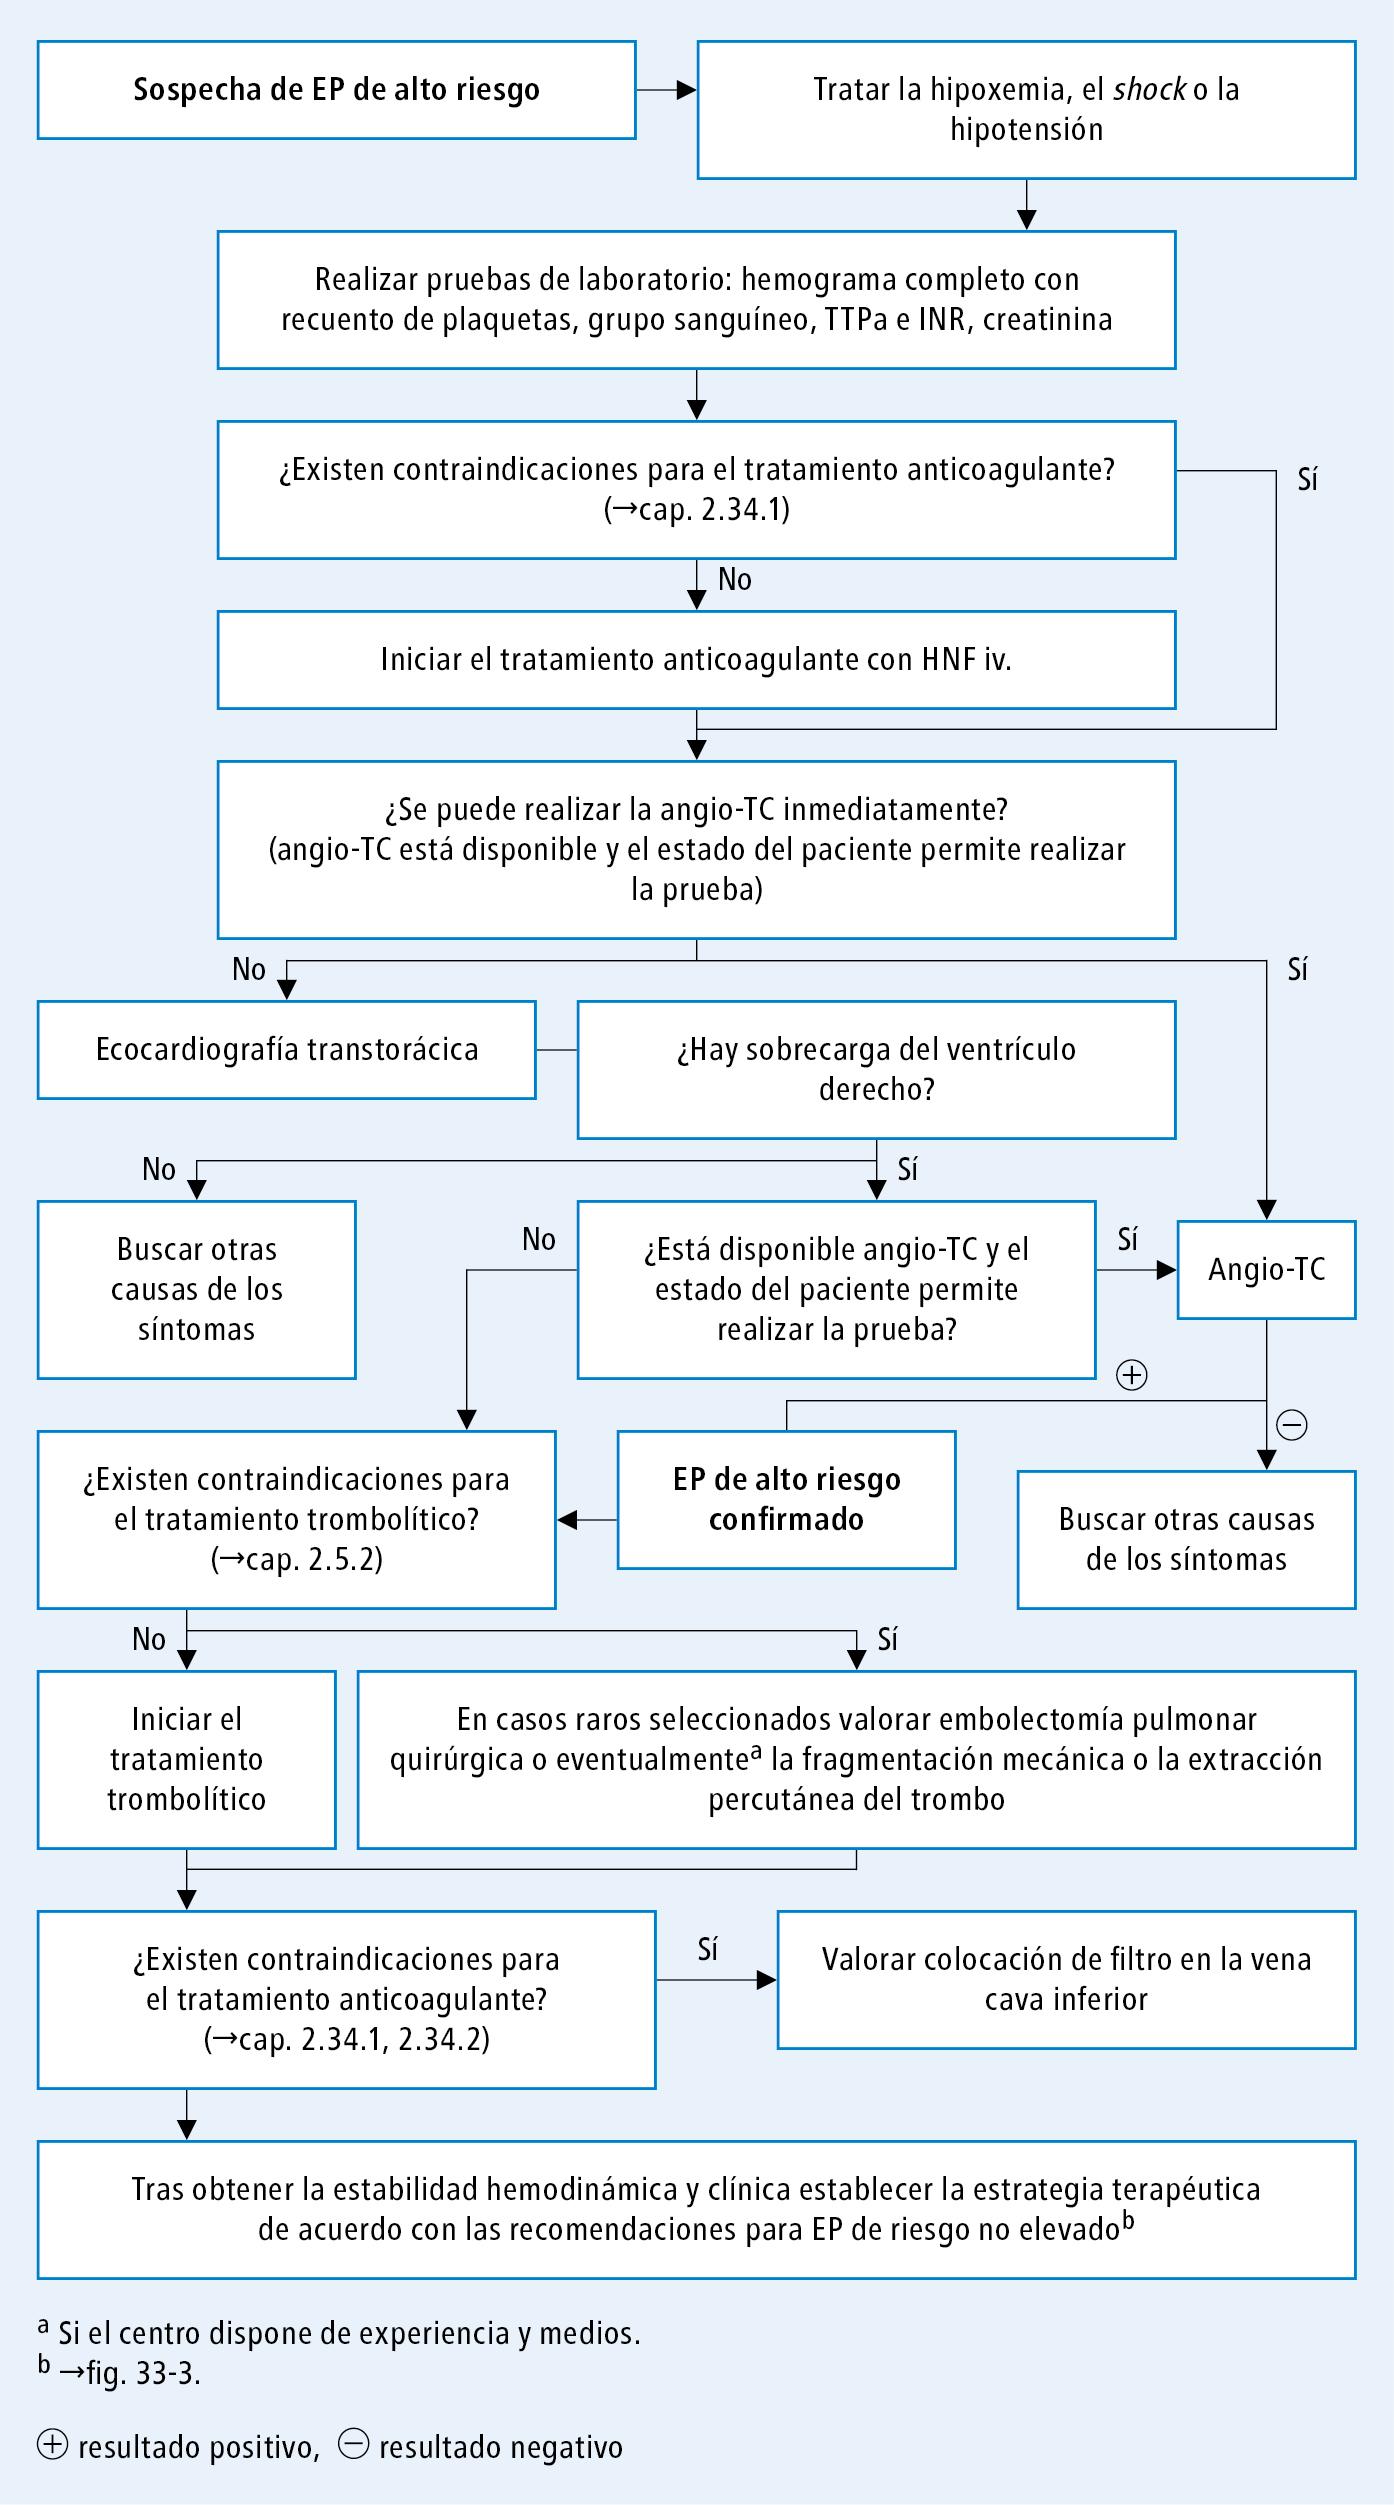 Algoritmo de diagnóstico y tratamiento del embolismo pulmonar de alto riesgo (según las guías de la ESC 2014)